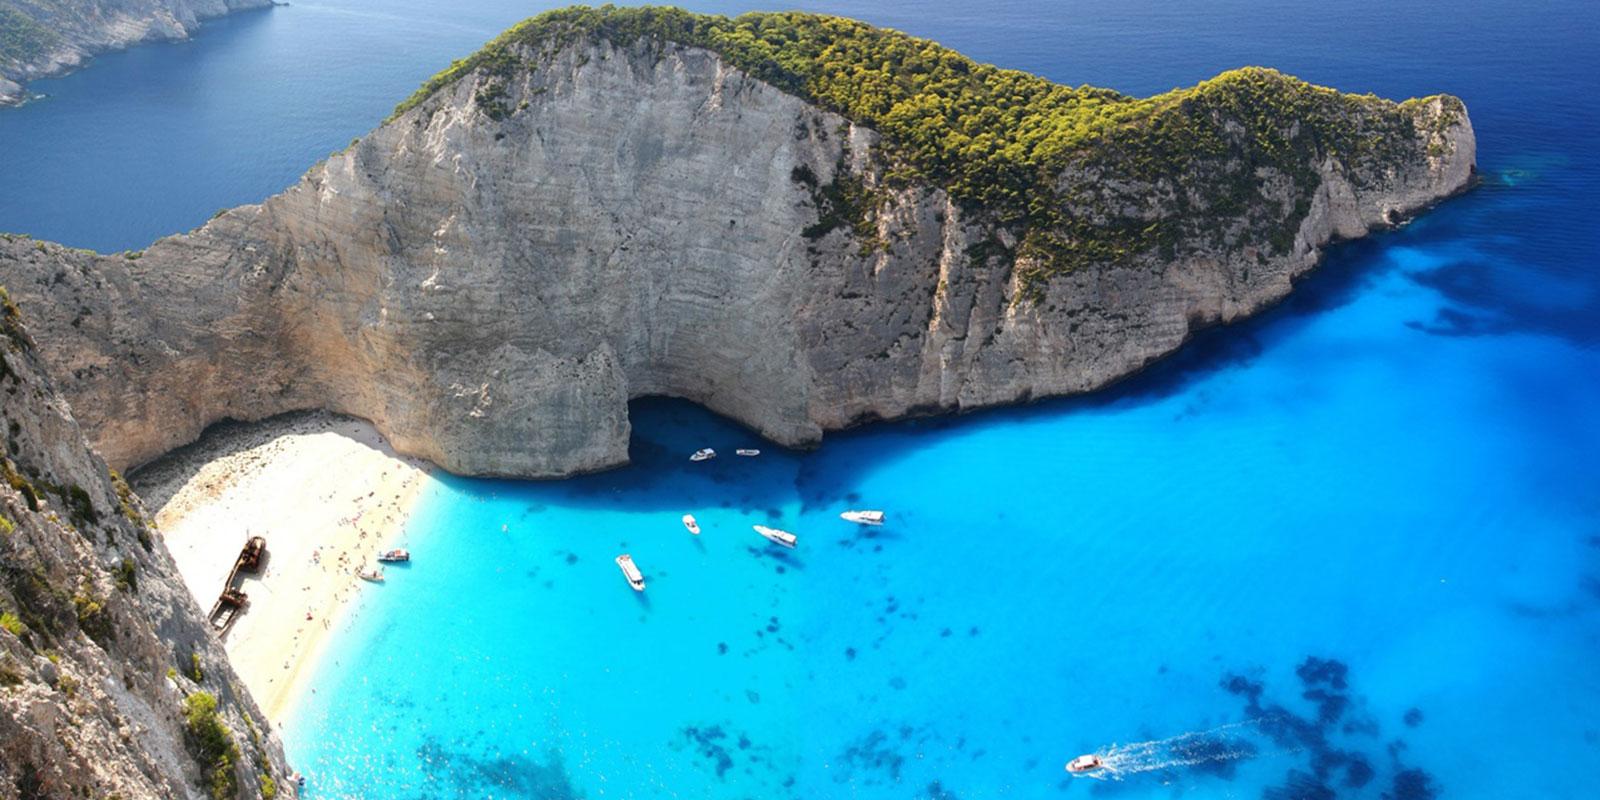 zakynthos-yunan adaları